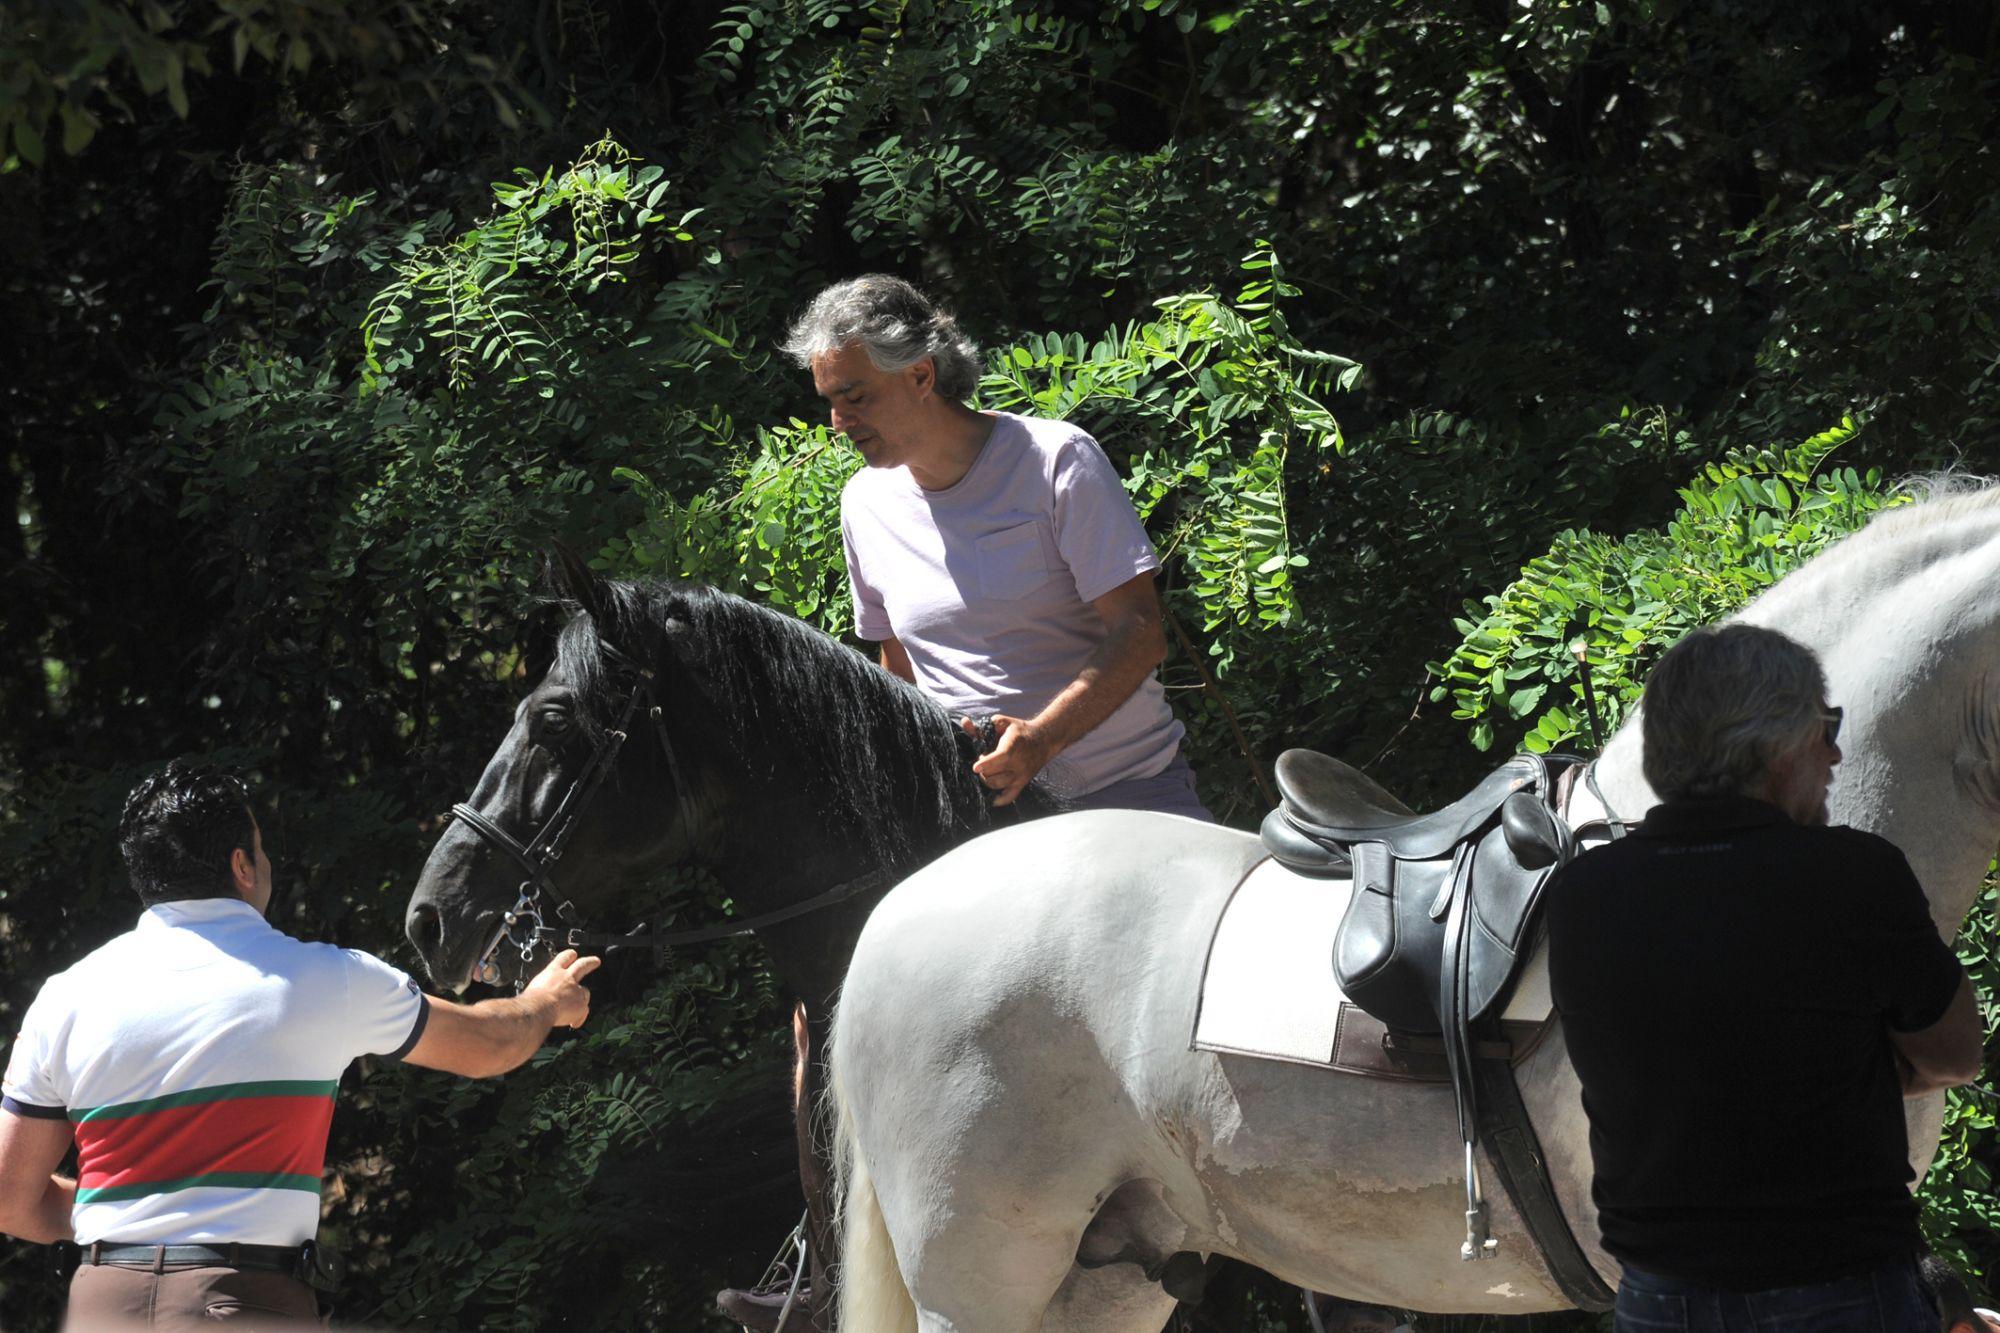 Brutto incidente per Andrea Bocelli cade da cavallo sbattendo violentemente la testa, ricoverato d'urgenza